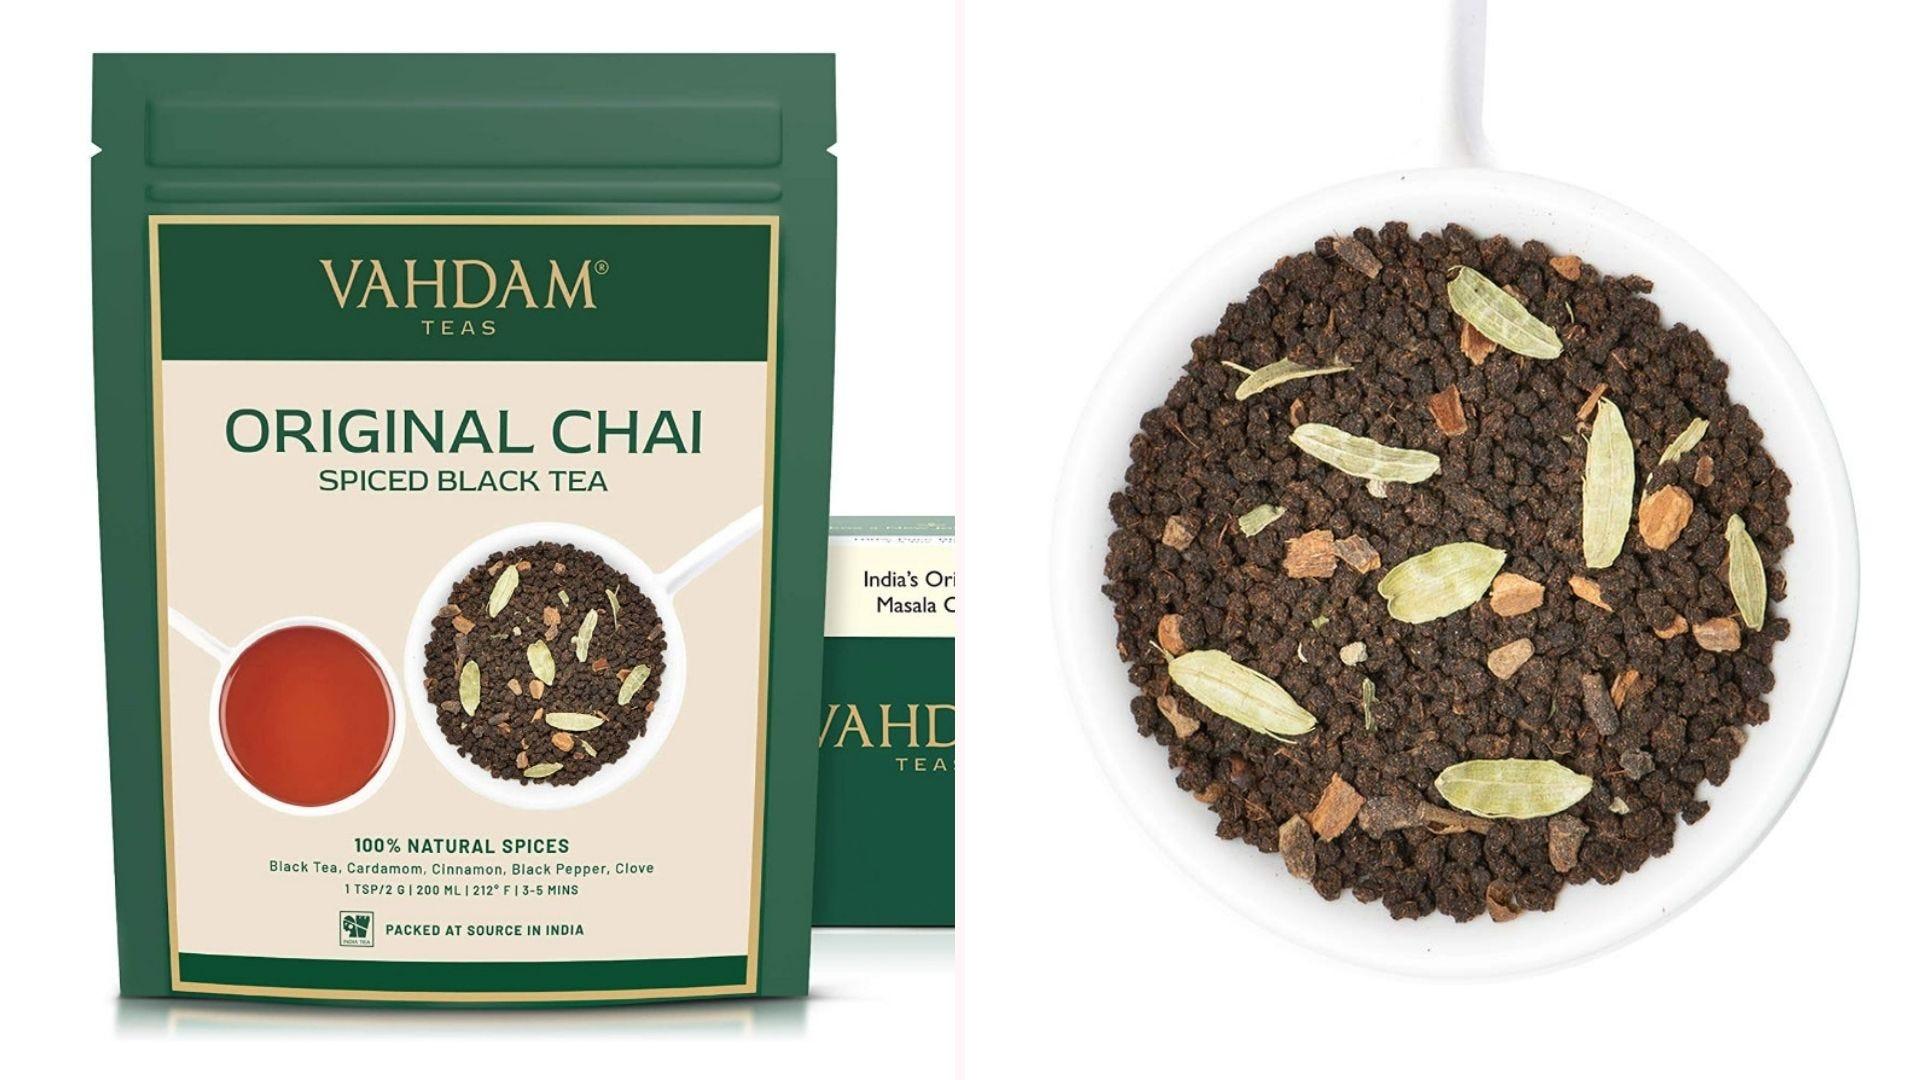 Original chai tea from Vahdam.